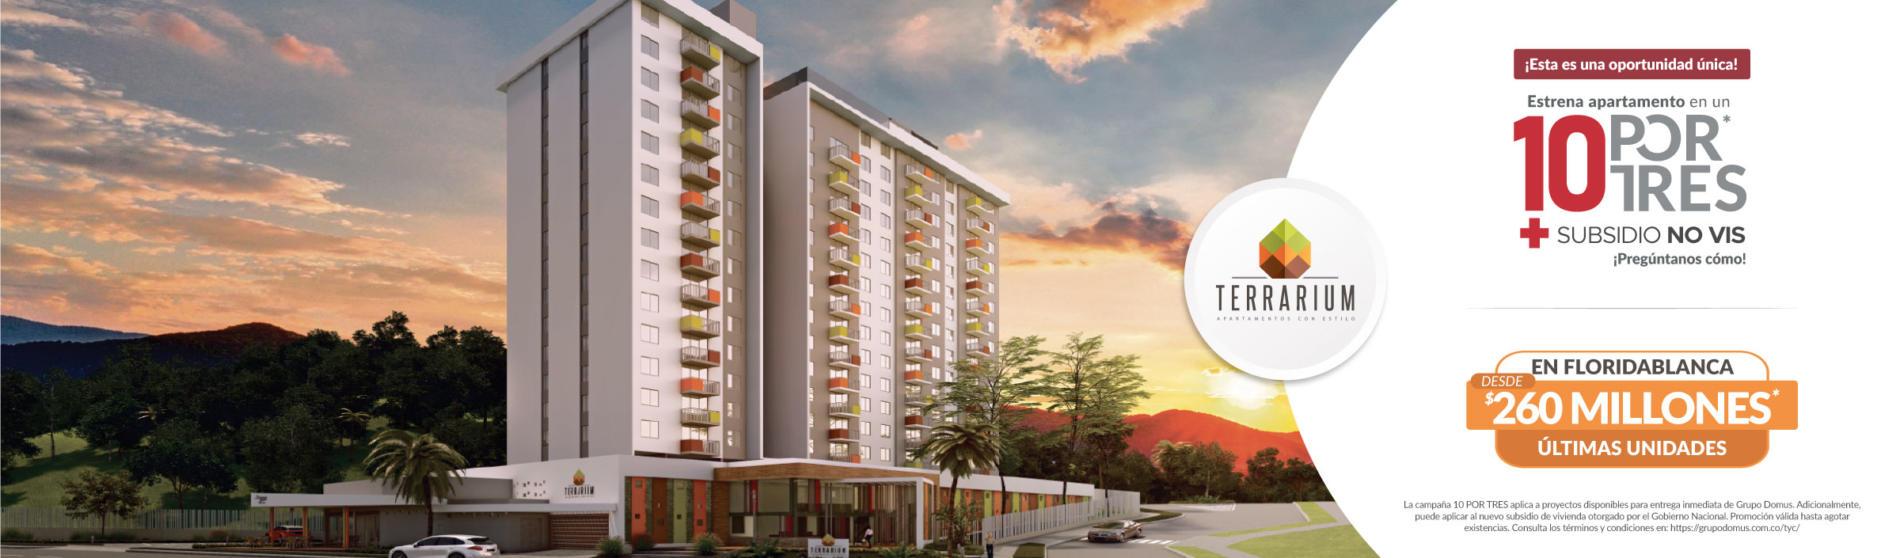 Terrarium en Floridablanca - apartamentos para entrega inmediata - Grupo Domus